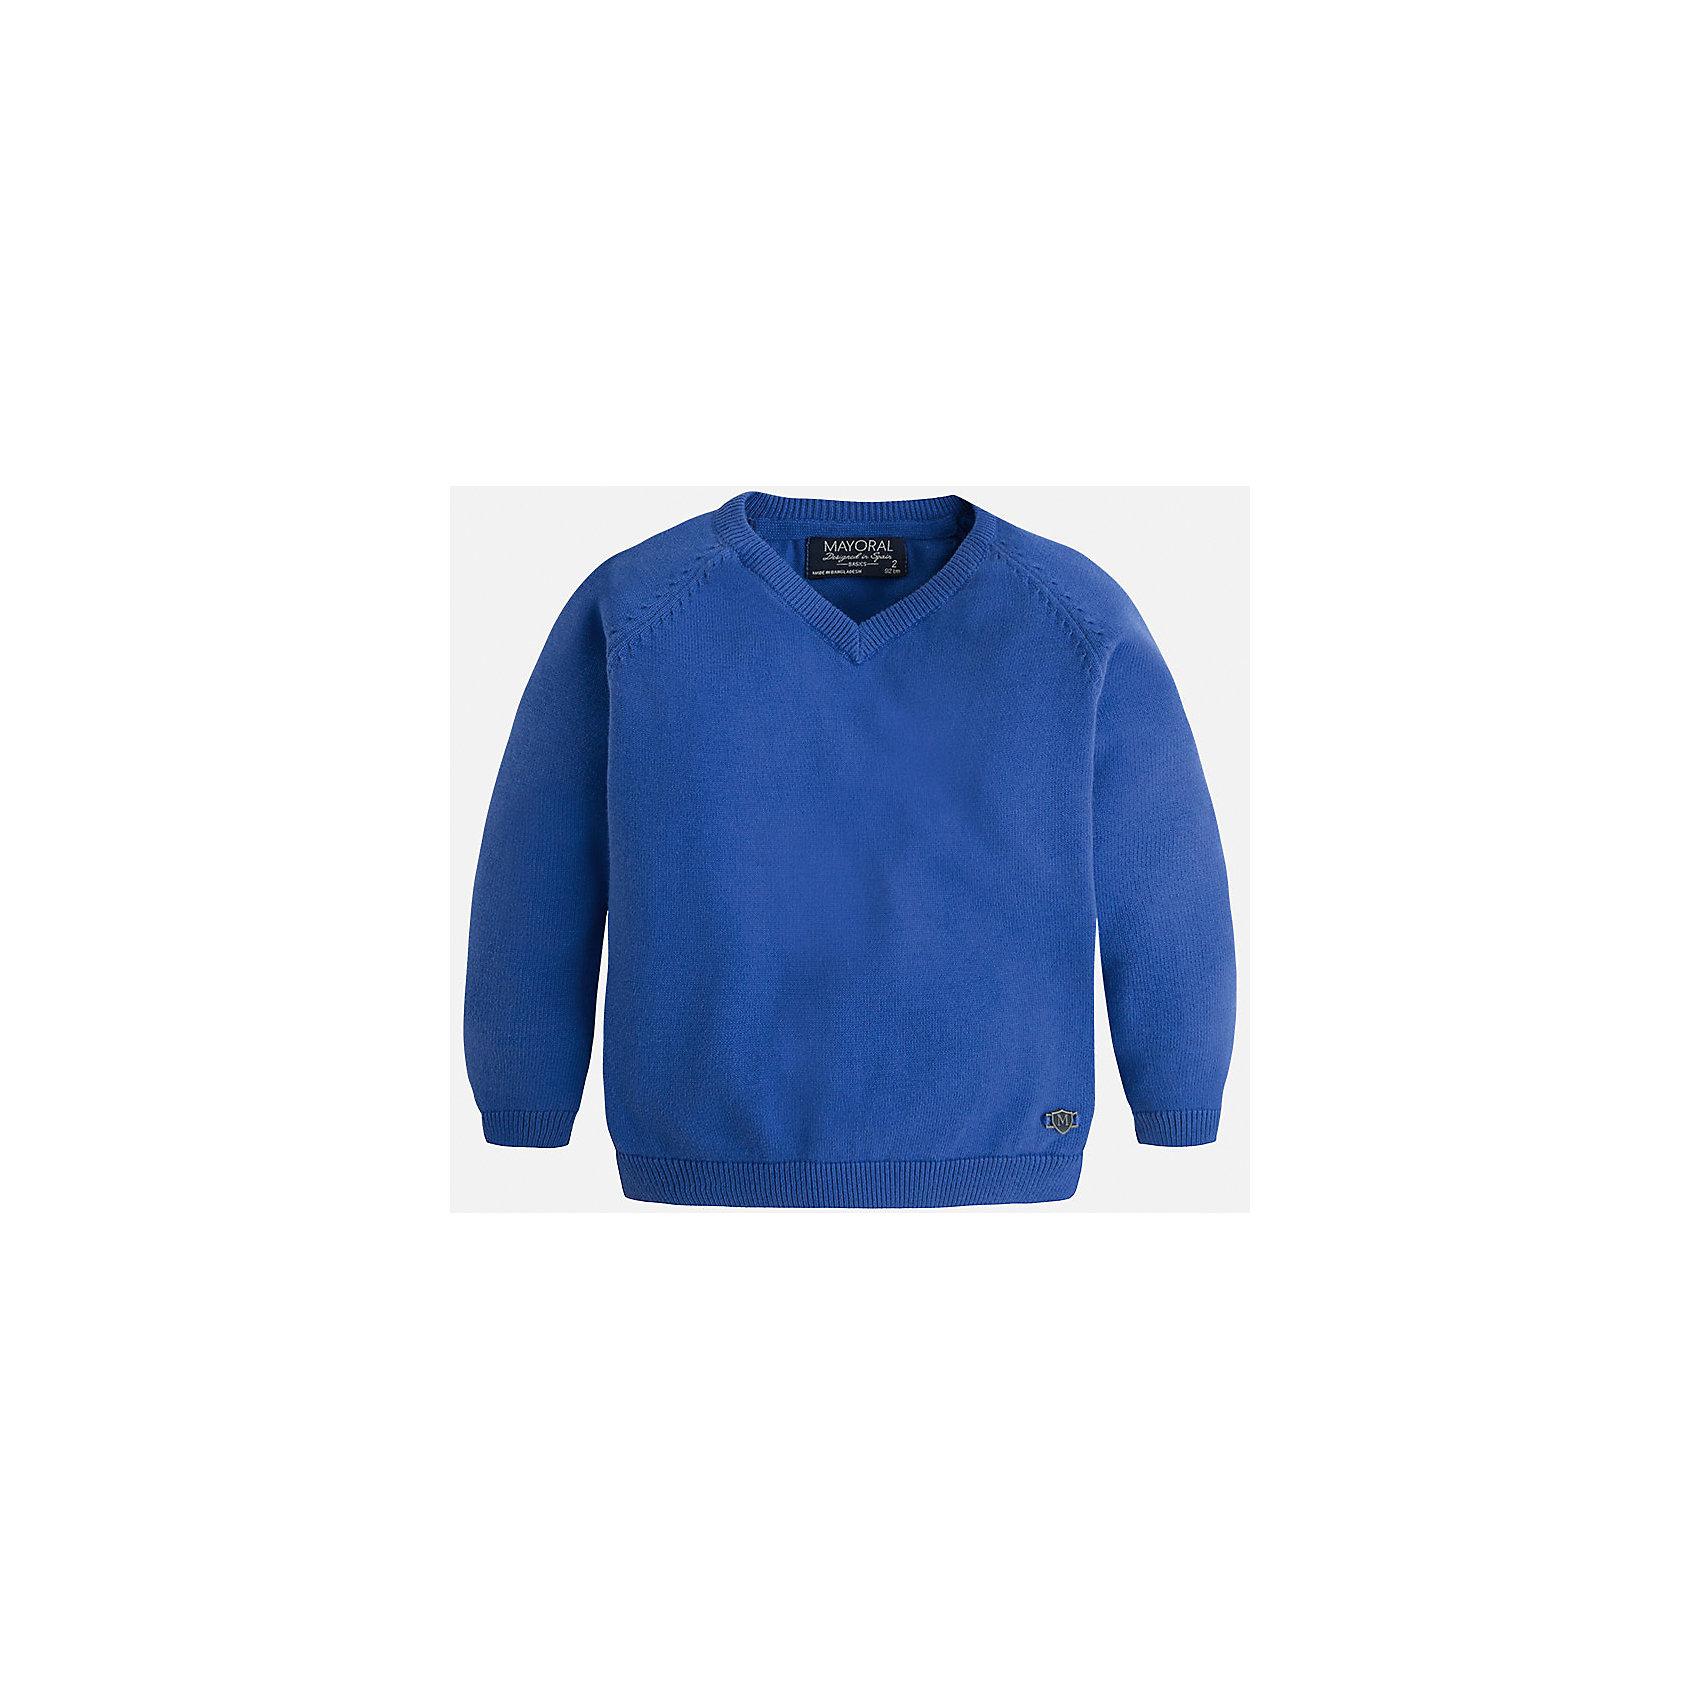 Свитер для мальчика MayoralСтильный свитер для настоящего джентльмена с V- образным вырезом! У свитера классический крой и красивый вырез, поэтому его можно комбинировать с разными вещими и носить в любой сезон.<br><br>Дополнительная информация:<br><br>- Прямой крой,V- образный вырез. <br>- Страна бренда: Испания.<br>- Состав: хлопок 100%<br>- Цвет: голубой.<br>- Уход: бережная стирка при 30 градусах.<br><br>Купить свитер для мальчика Mayoral можно в нашем магазине.<br><br>Ширина мм: 190<br>Глубина мм: 74<br>Высота мм: 229<br>Вес г: 236<br>Цвет: фиолетовый<br>Возраст от месяцев: 60<br>Возраст до месяцев: 72<br>Пол: Мужской<br>Возраст: Детский<br>Размер: 116,128,134,122,98,104,110<br>SKU: 4821687